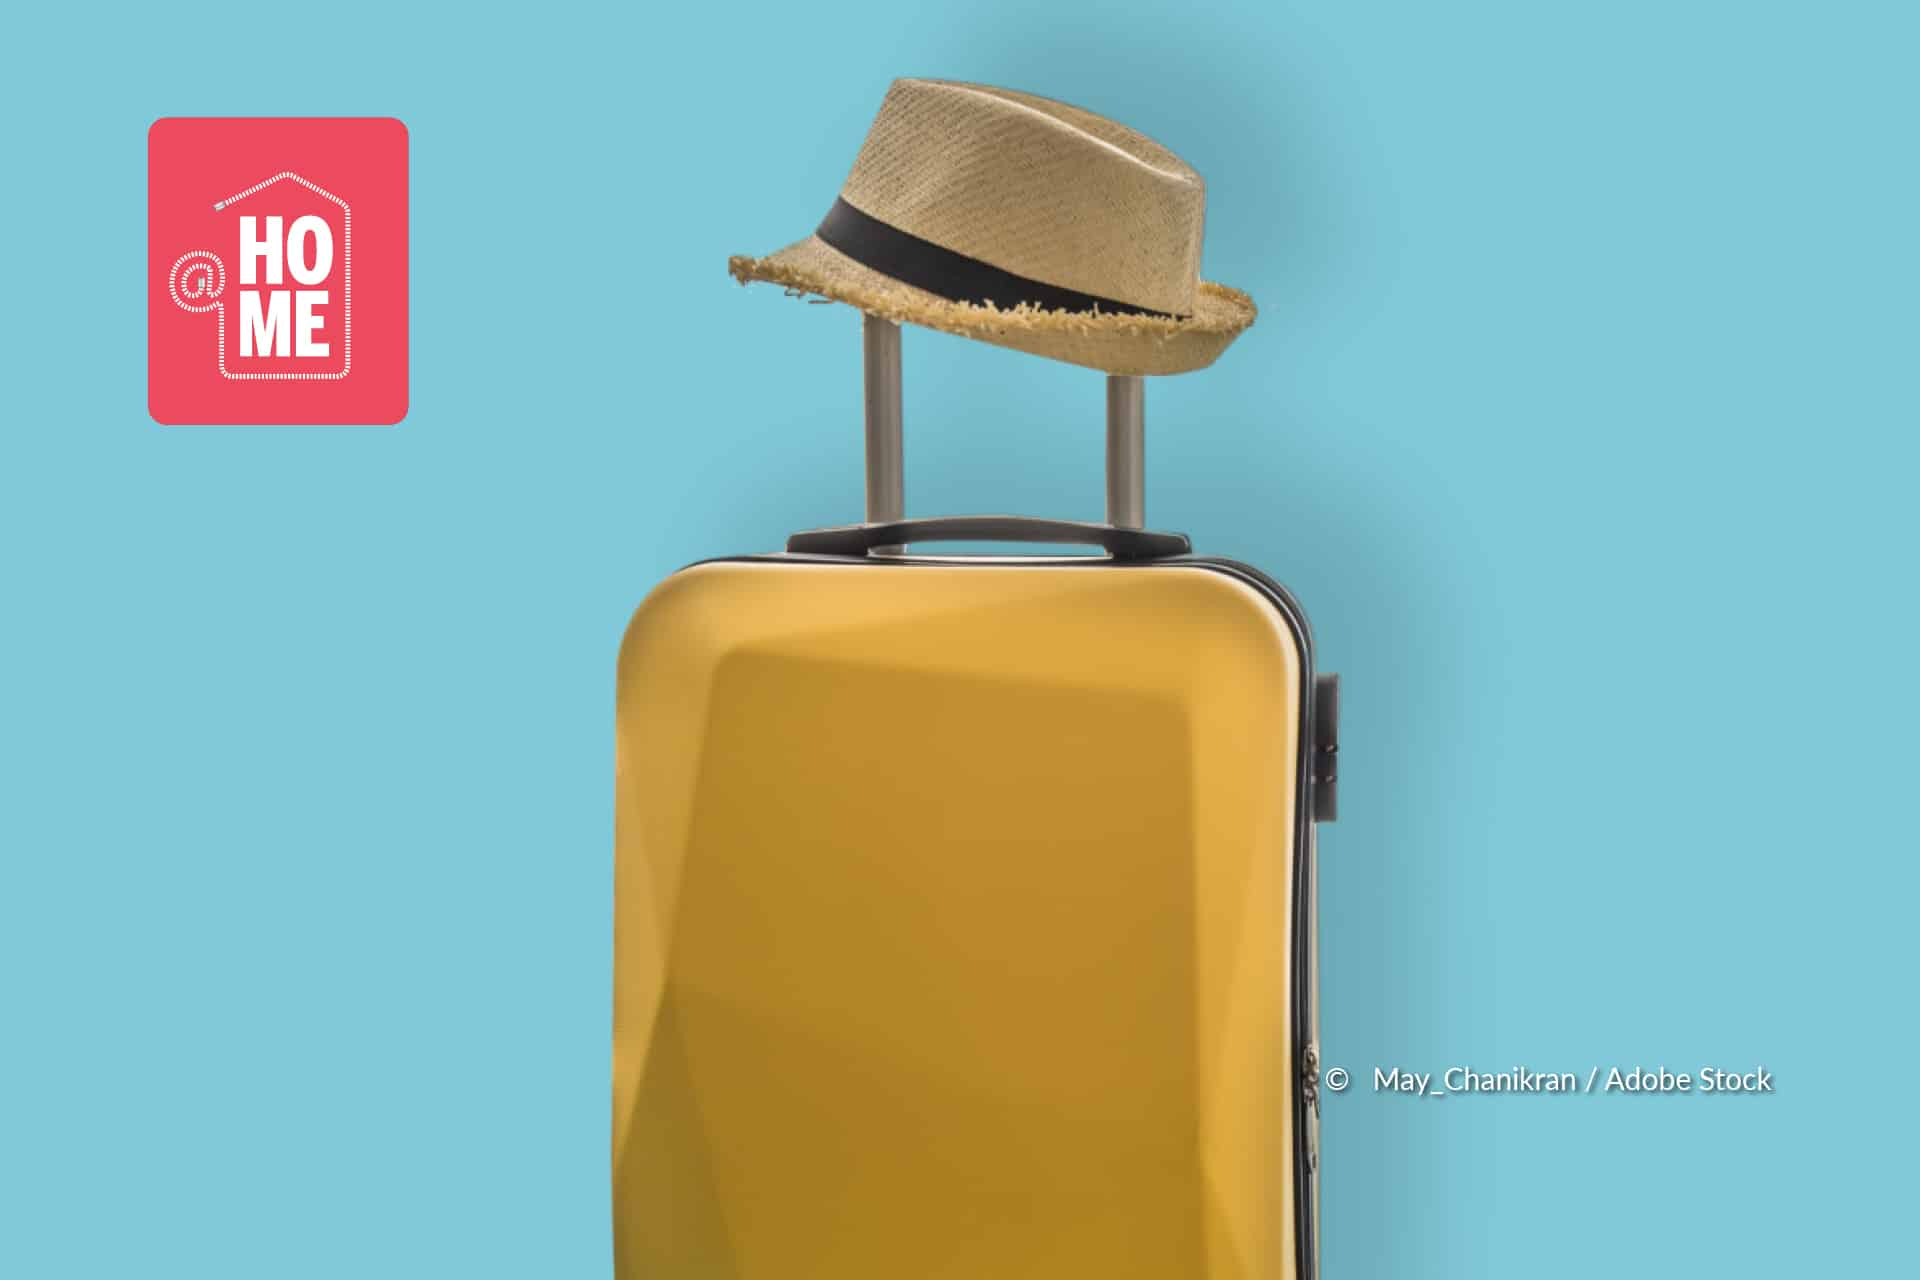 Hoe moet ik mijn reiskoffer repareren?